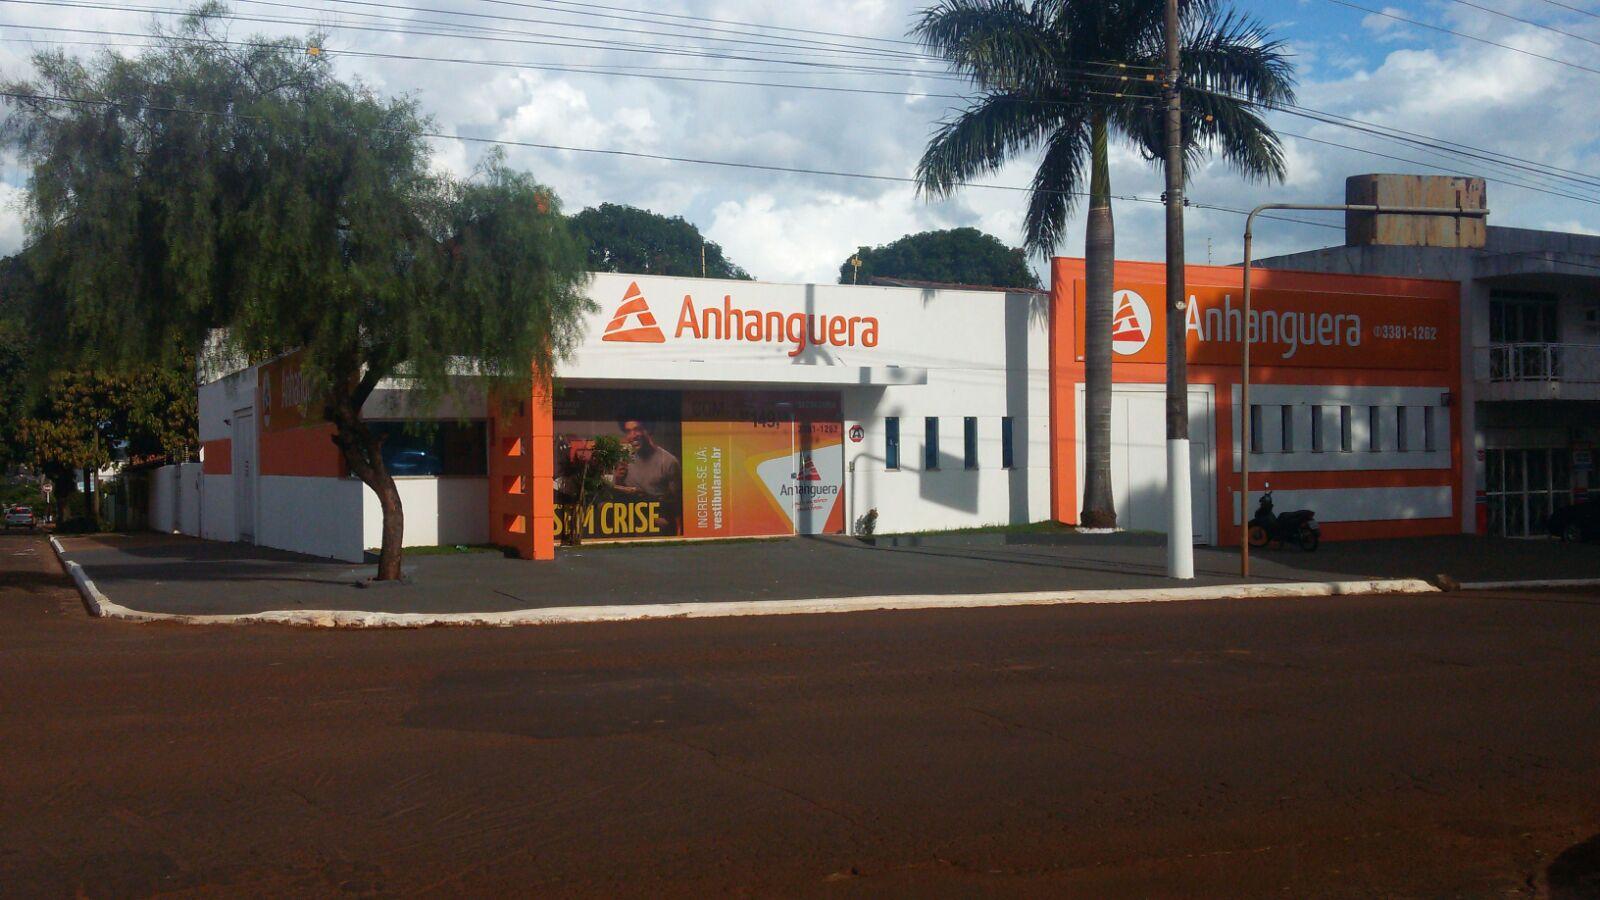 ANHANGUERA - Polo de apoio presencial - 19.07